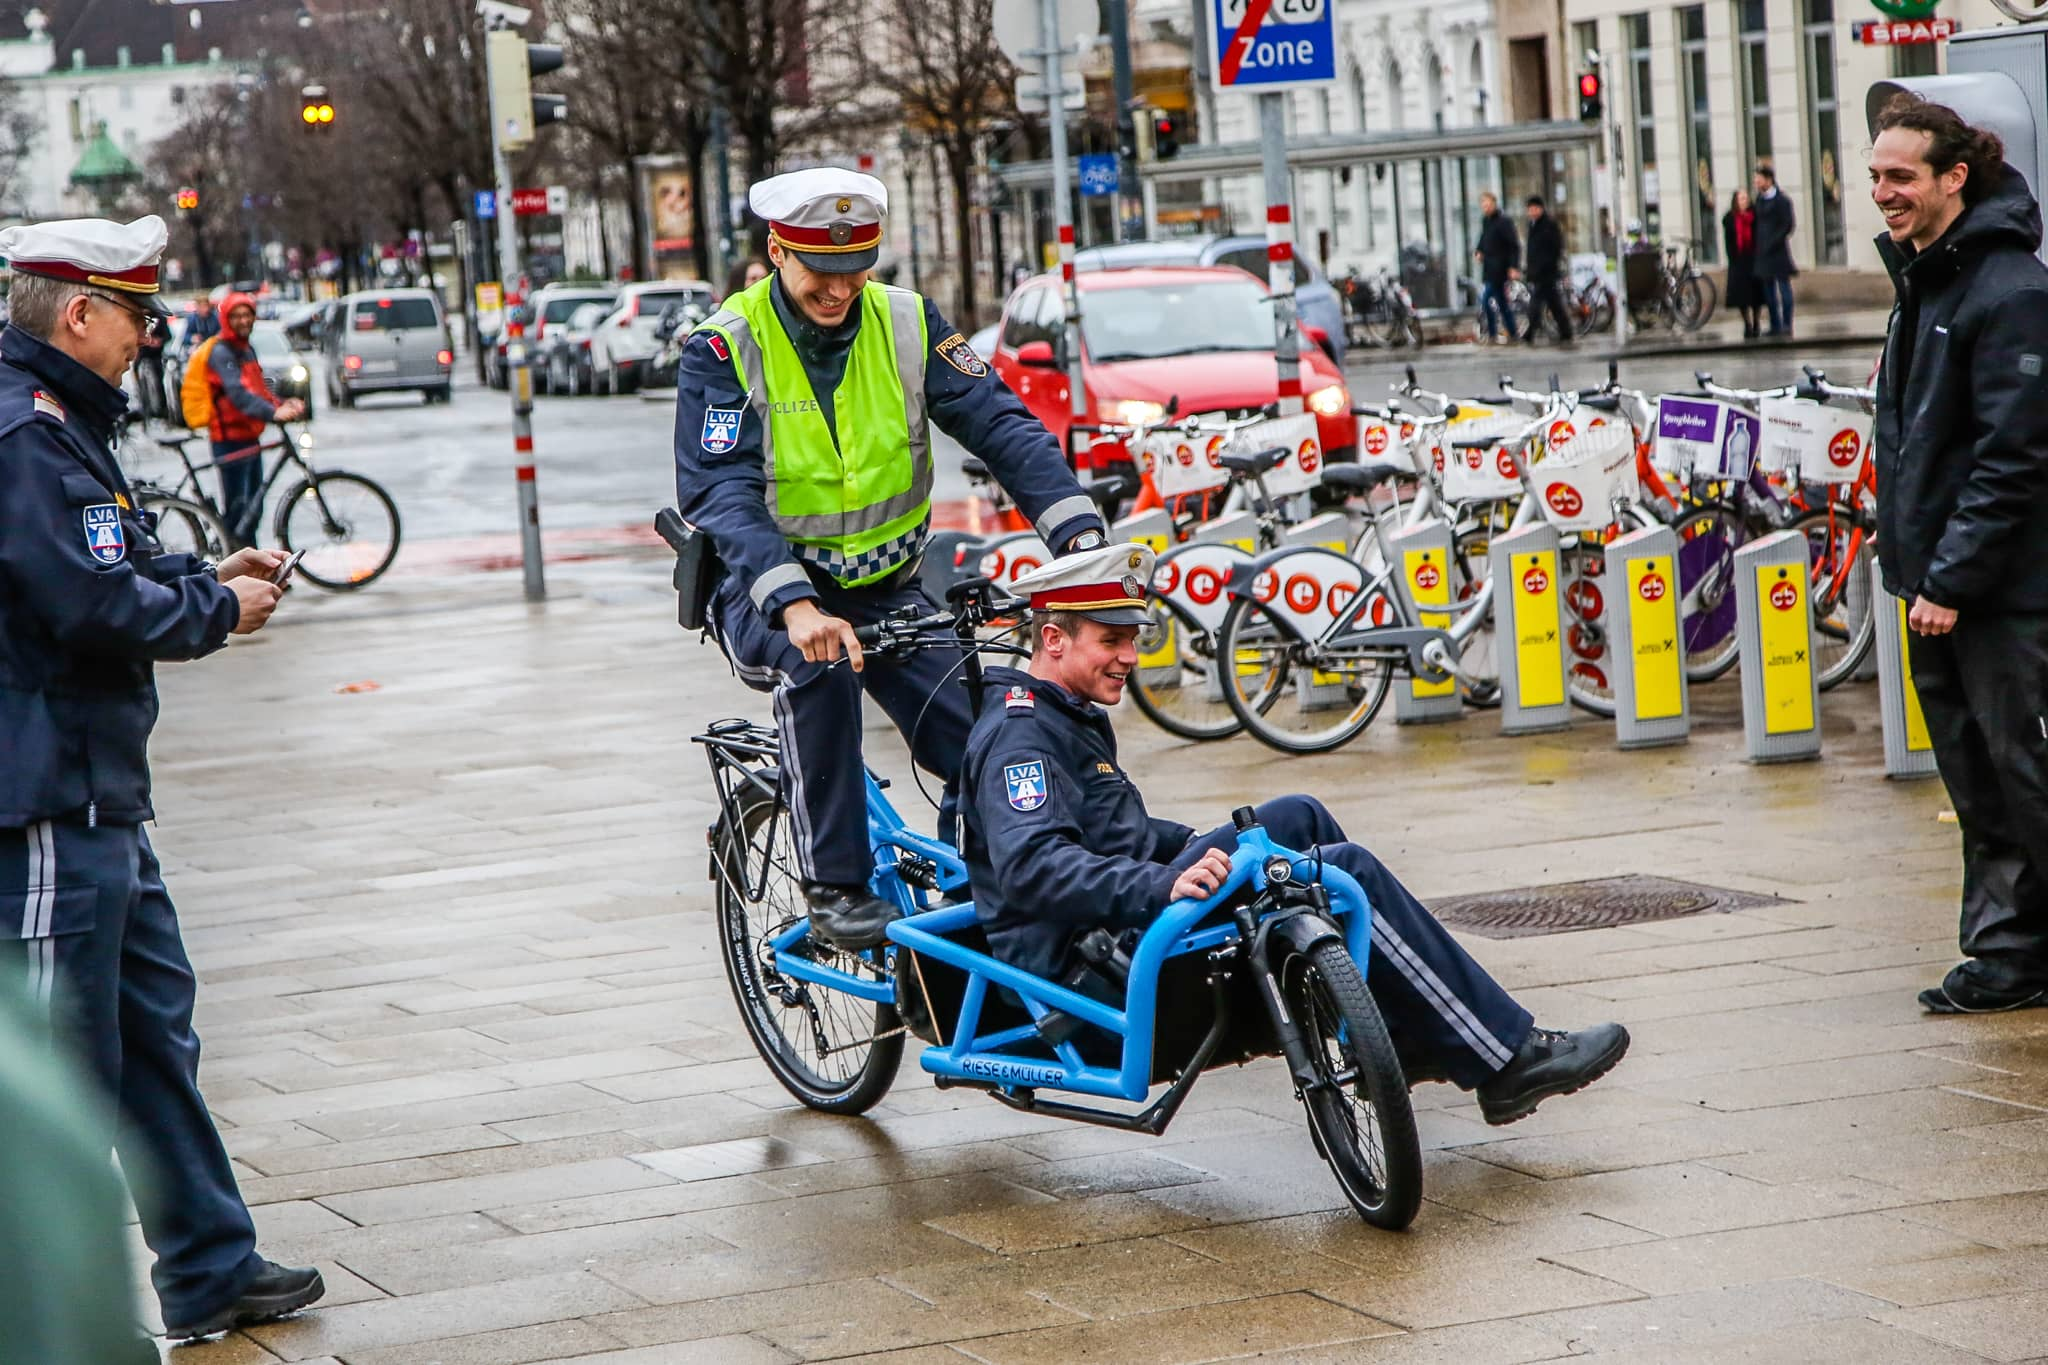 Zwei Polizisten nutzen ein Lastenrad.